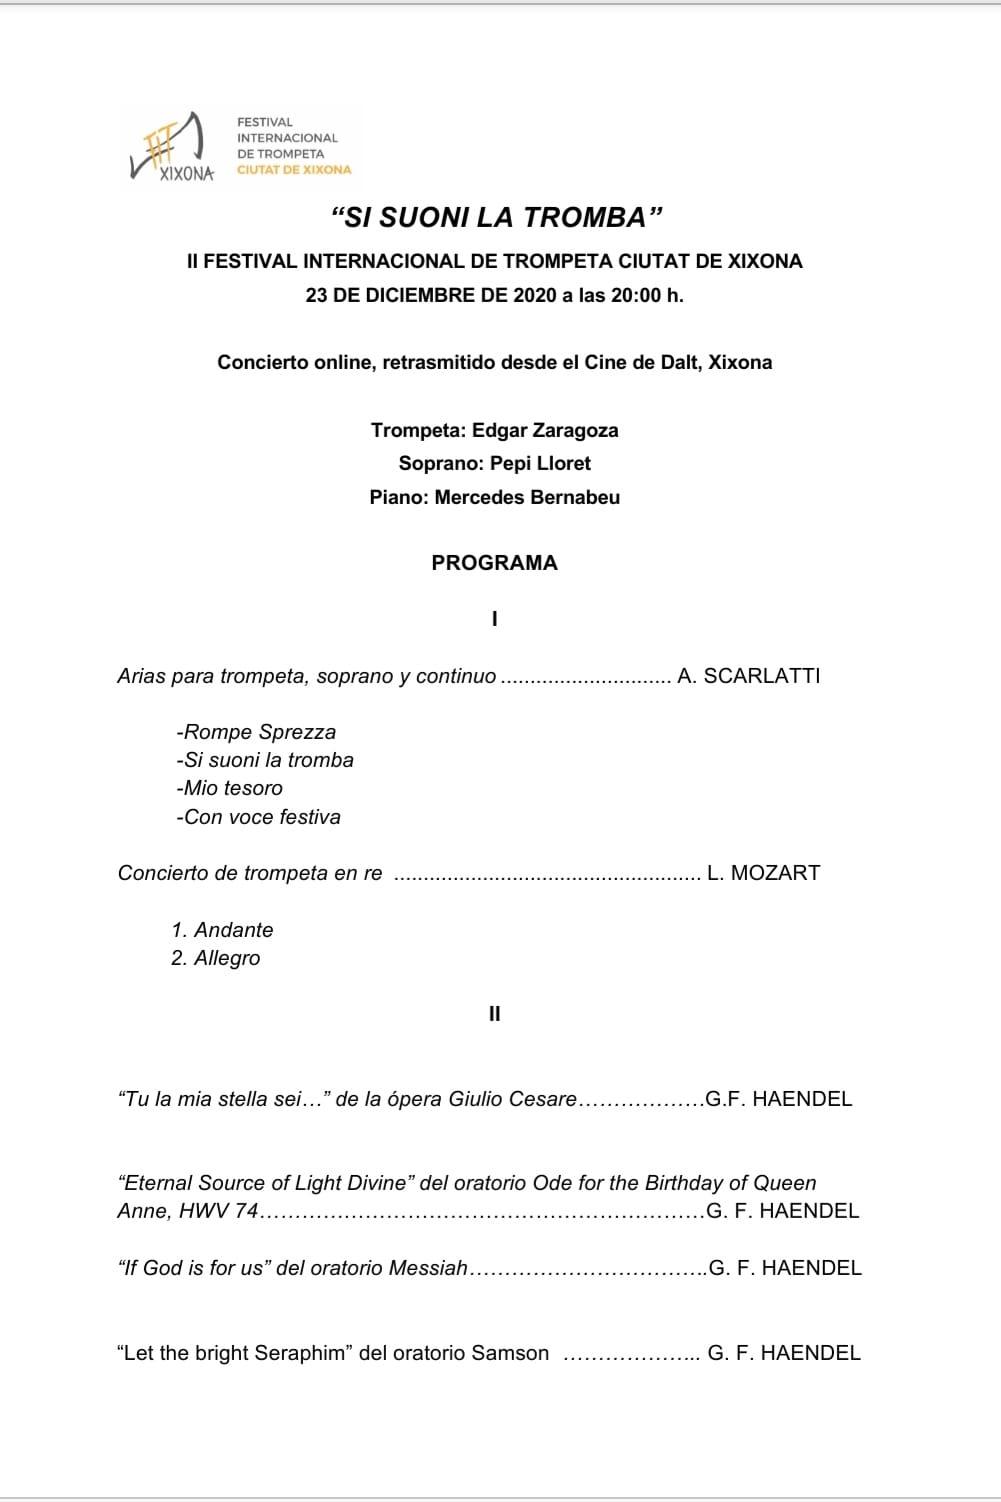 II Festival Internacional de Trompeta de Xixona